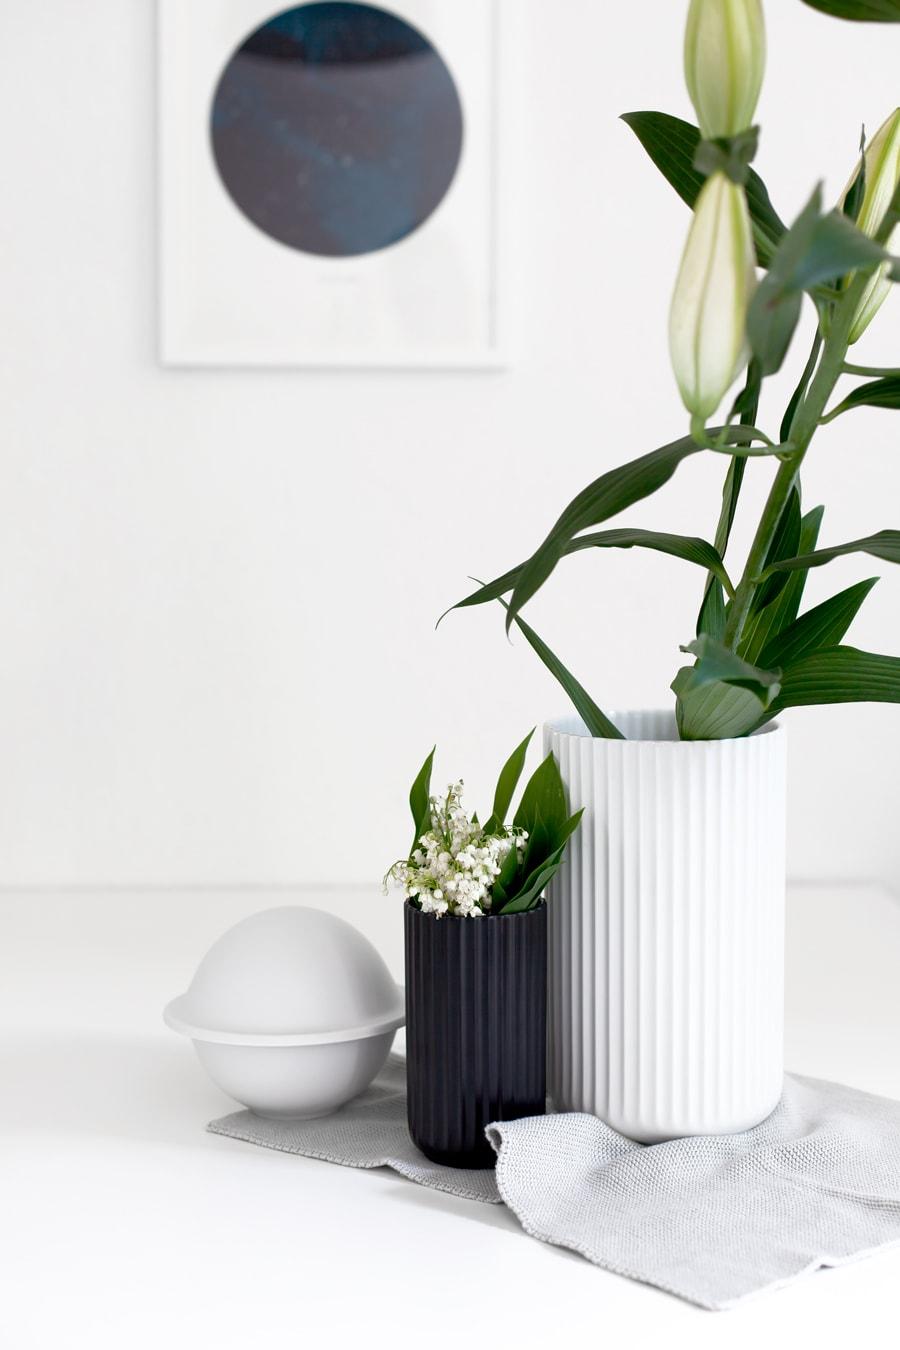 1c56c57efb Lyngby vase giveaway - COCO LAPINE DESIGNCOCO LAPINE DESIGN